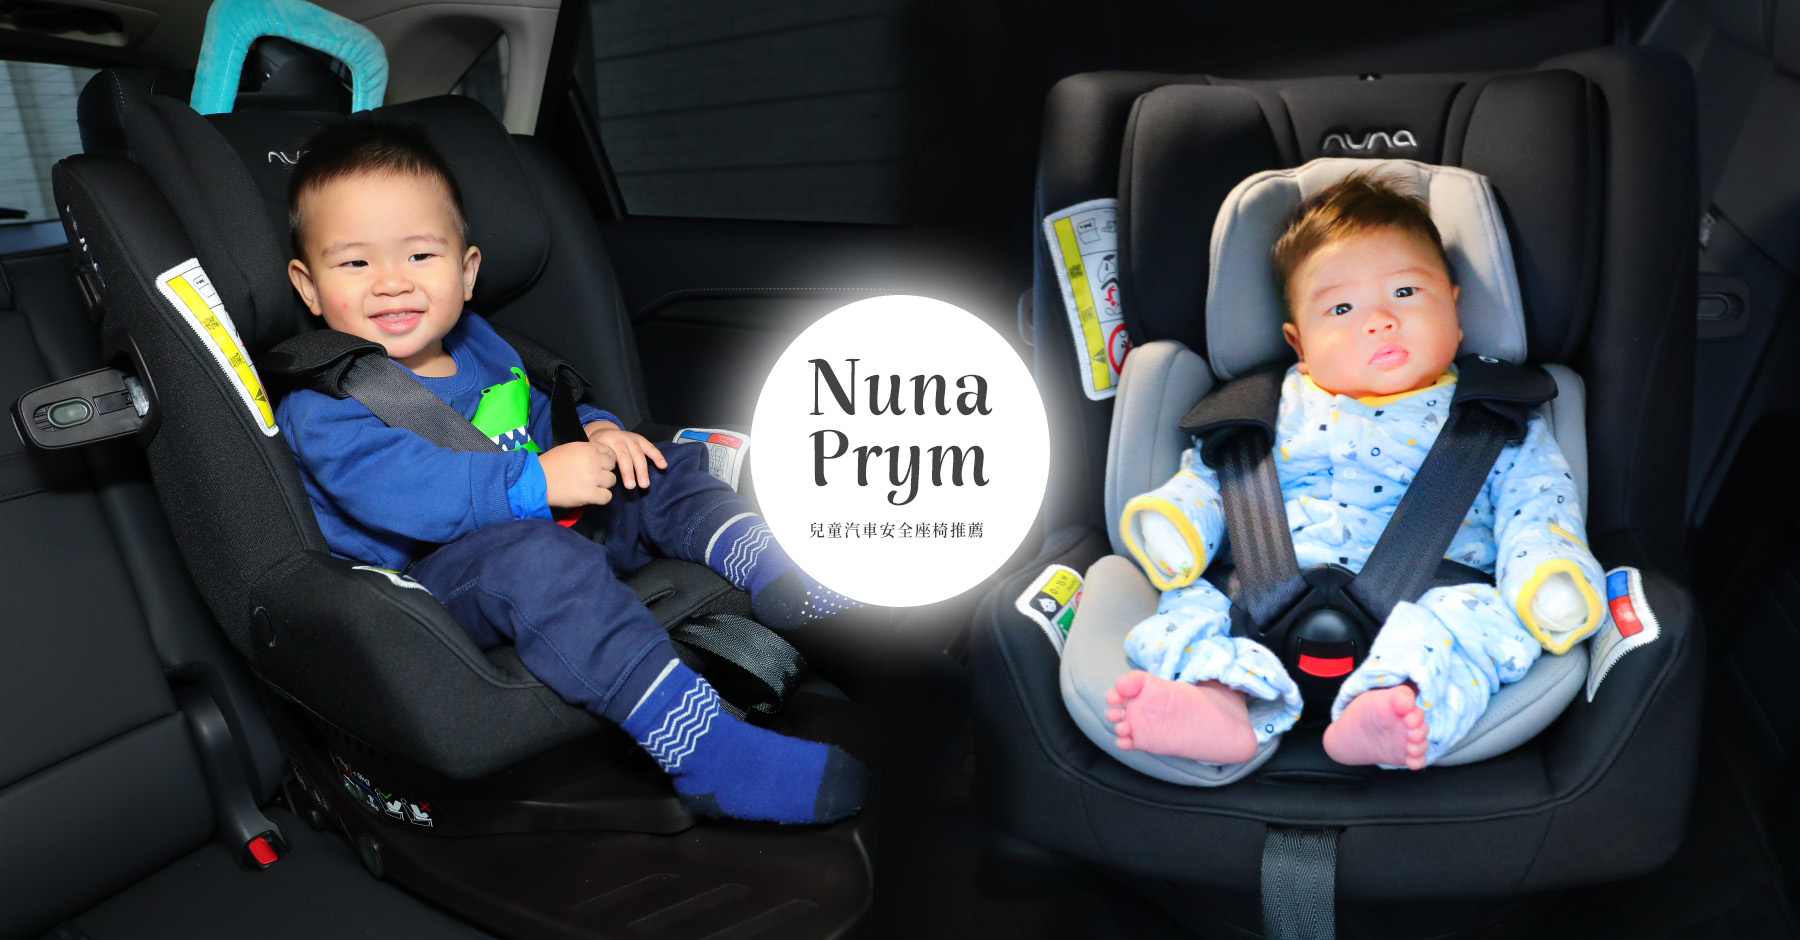 汽車安全座椅推薦 Nuna prym汽座開箱評價 360旋轉超好上下車獲ADAC優良評鑑新生兒也能坐價格及安裝說明書全攻略